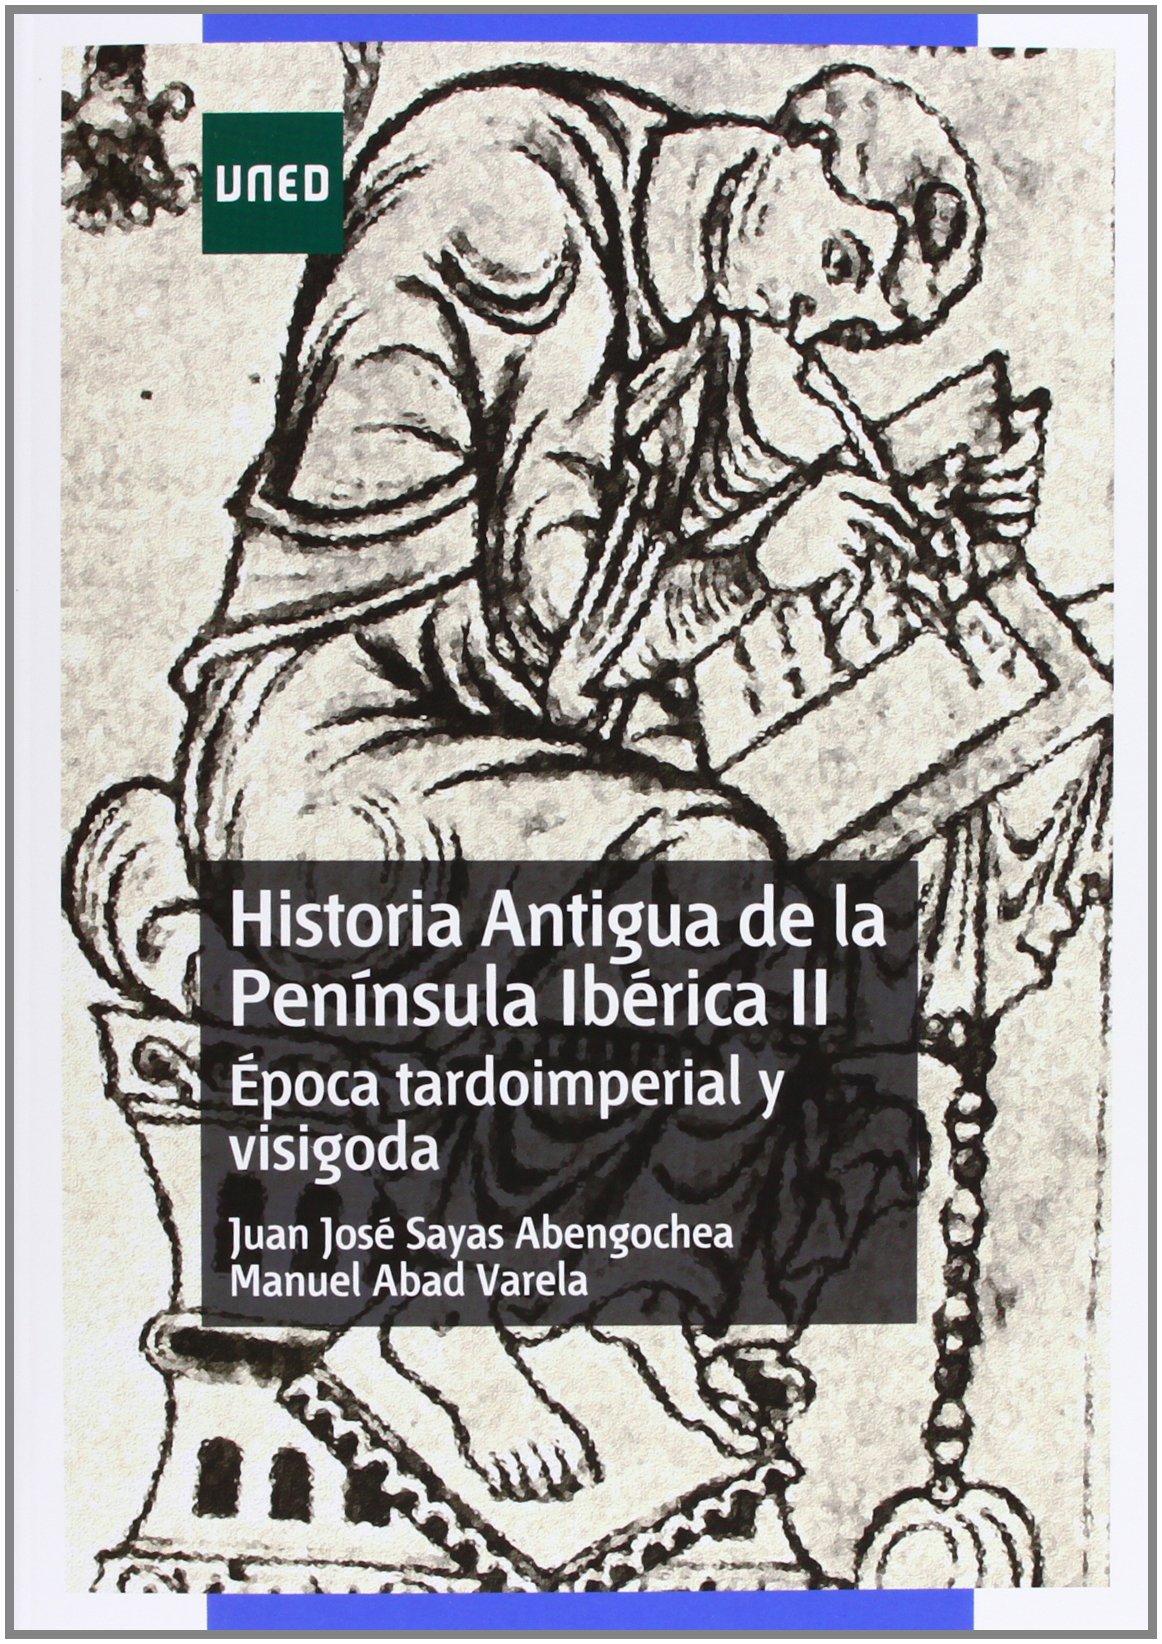 Historia antigua de la península ibérica II. Época tardoimperial y visigoda GRADO: Amazon.es: Sayas Abengochea, Juan José, Abad Varela, Manuel: Libros